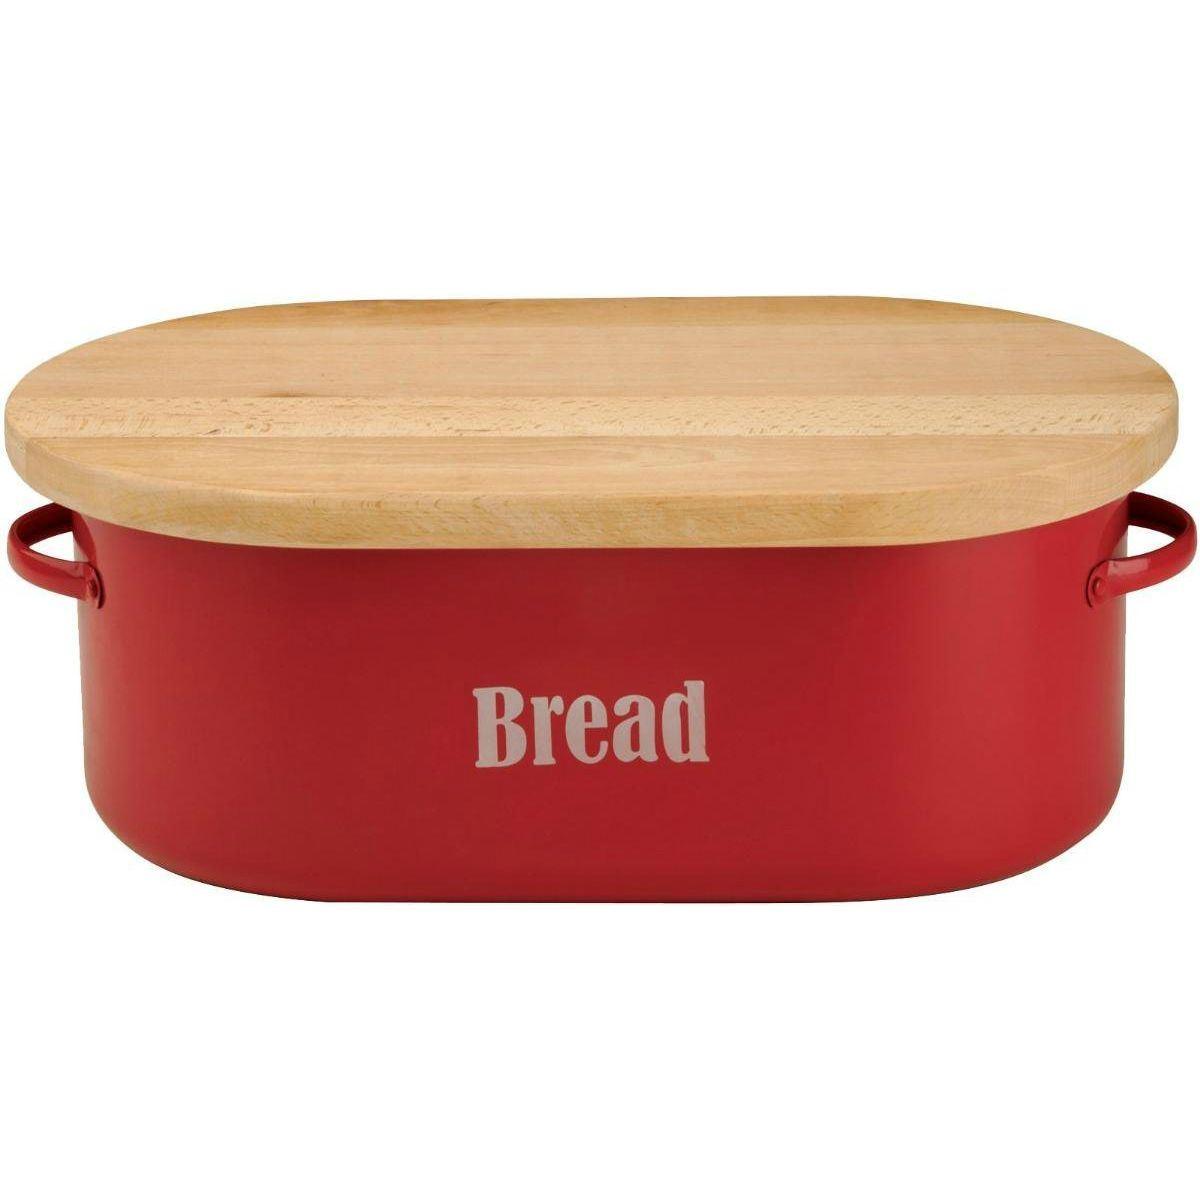 Typhoon Vintage Kitchen Bread Bin